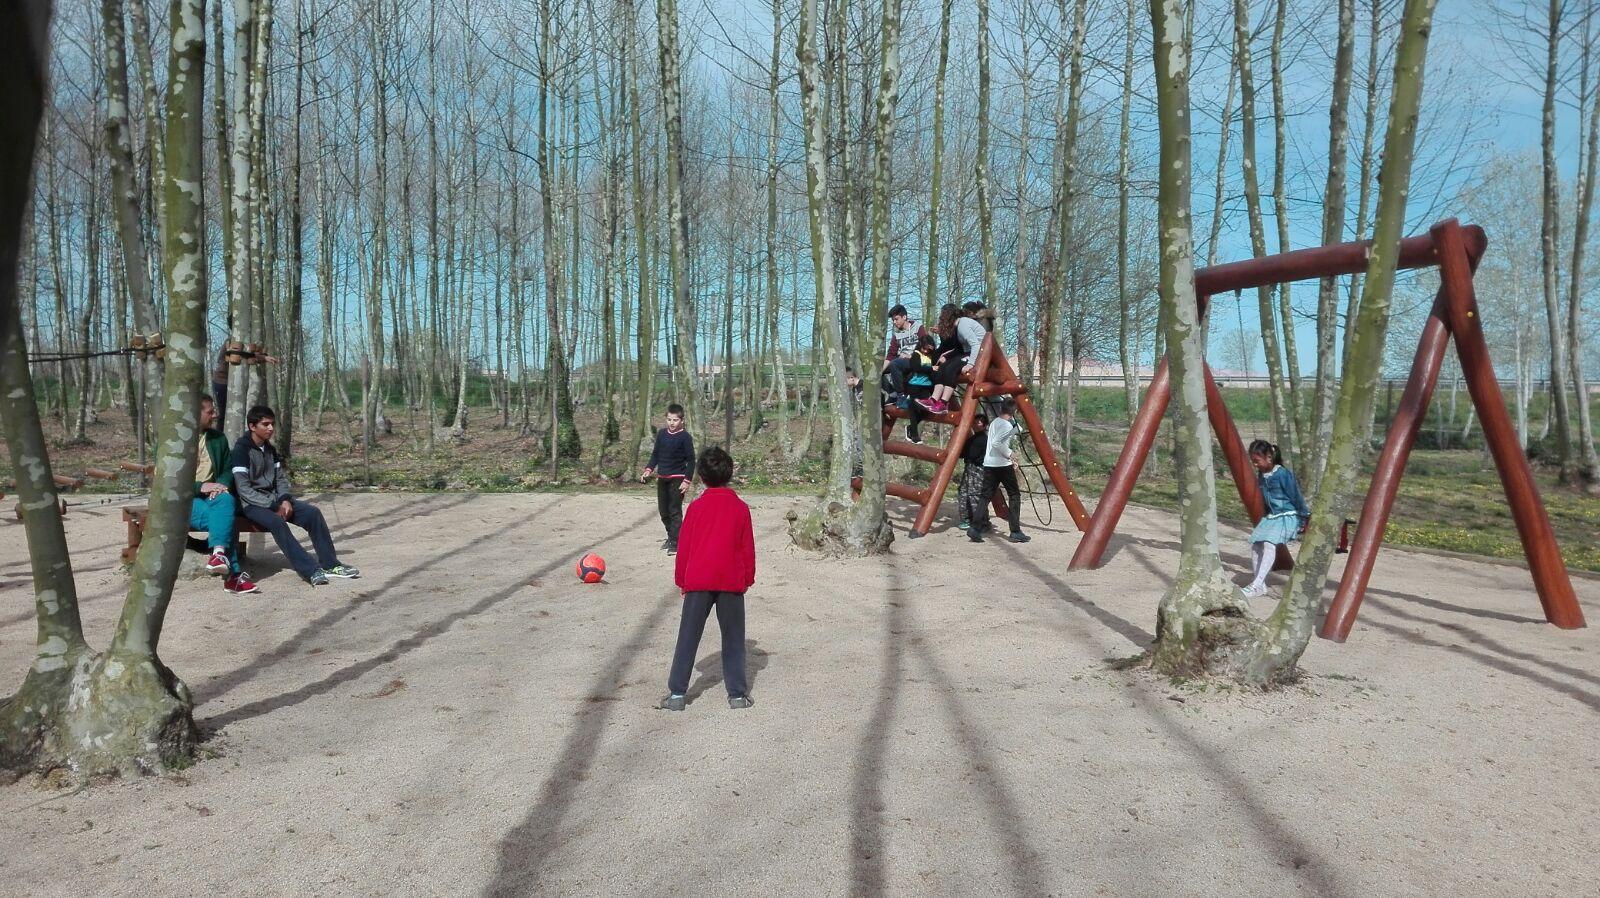 nens jugant zona de jocs picnic les 3 flors